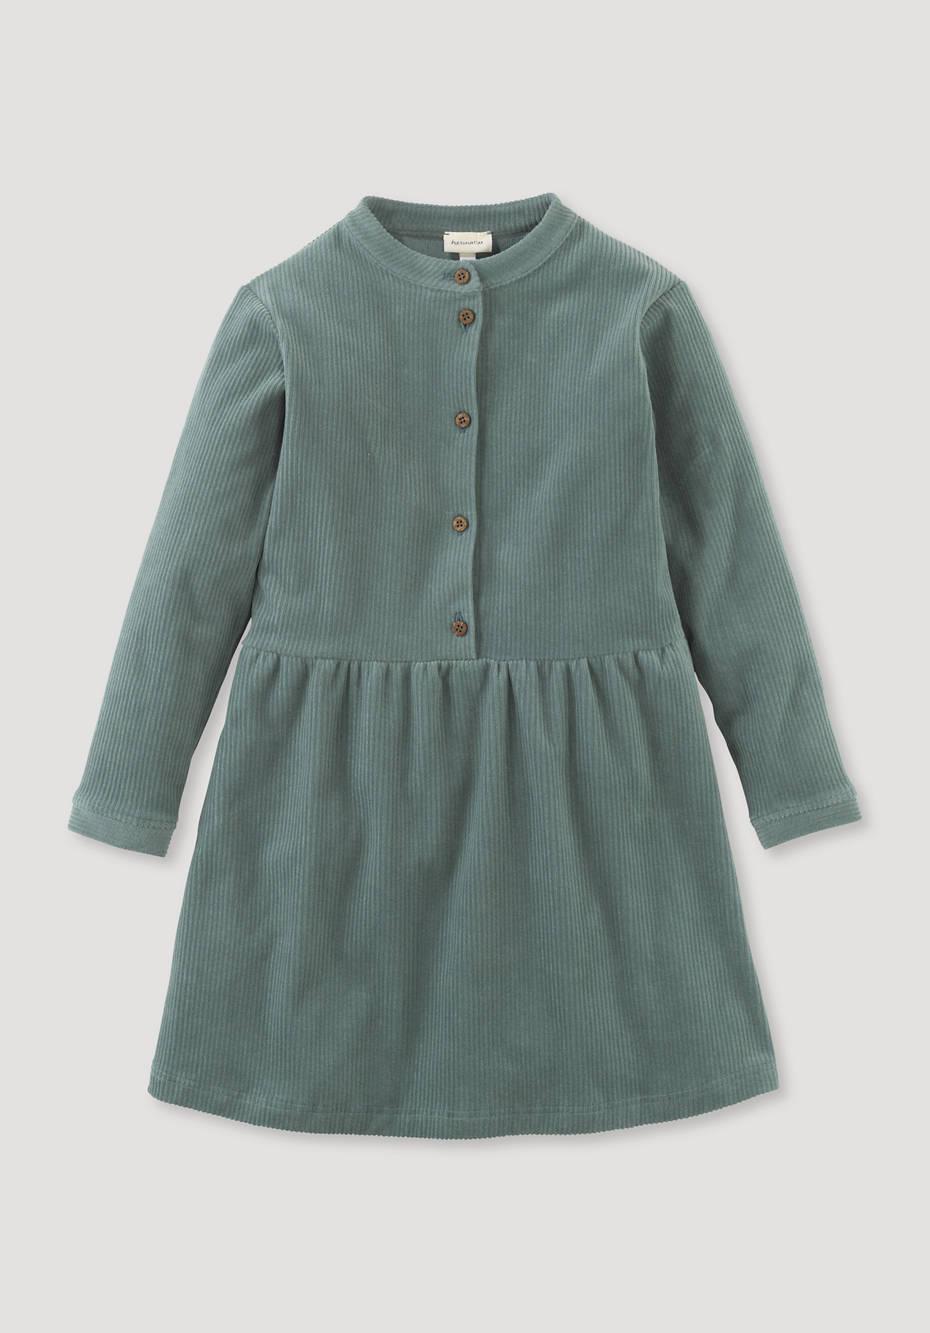 Jerseycordkleid aus reiner Bio-Baumwolle